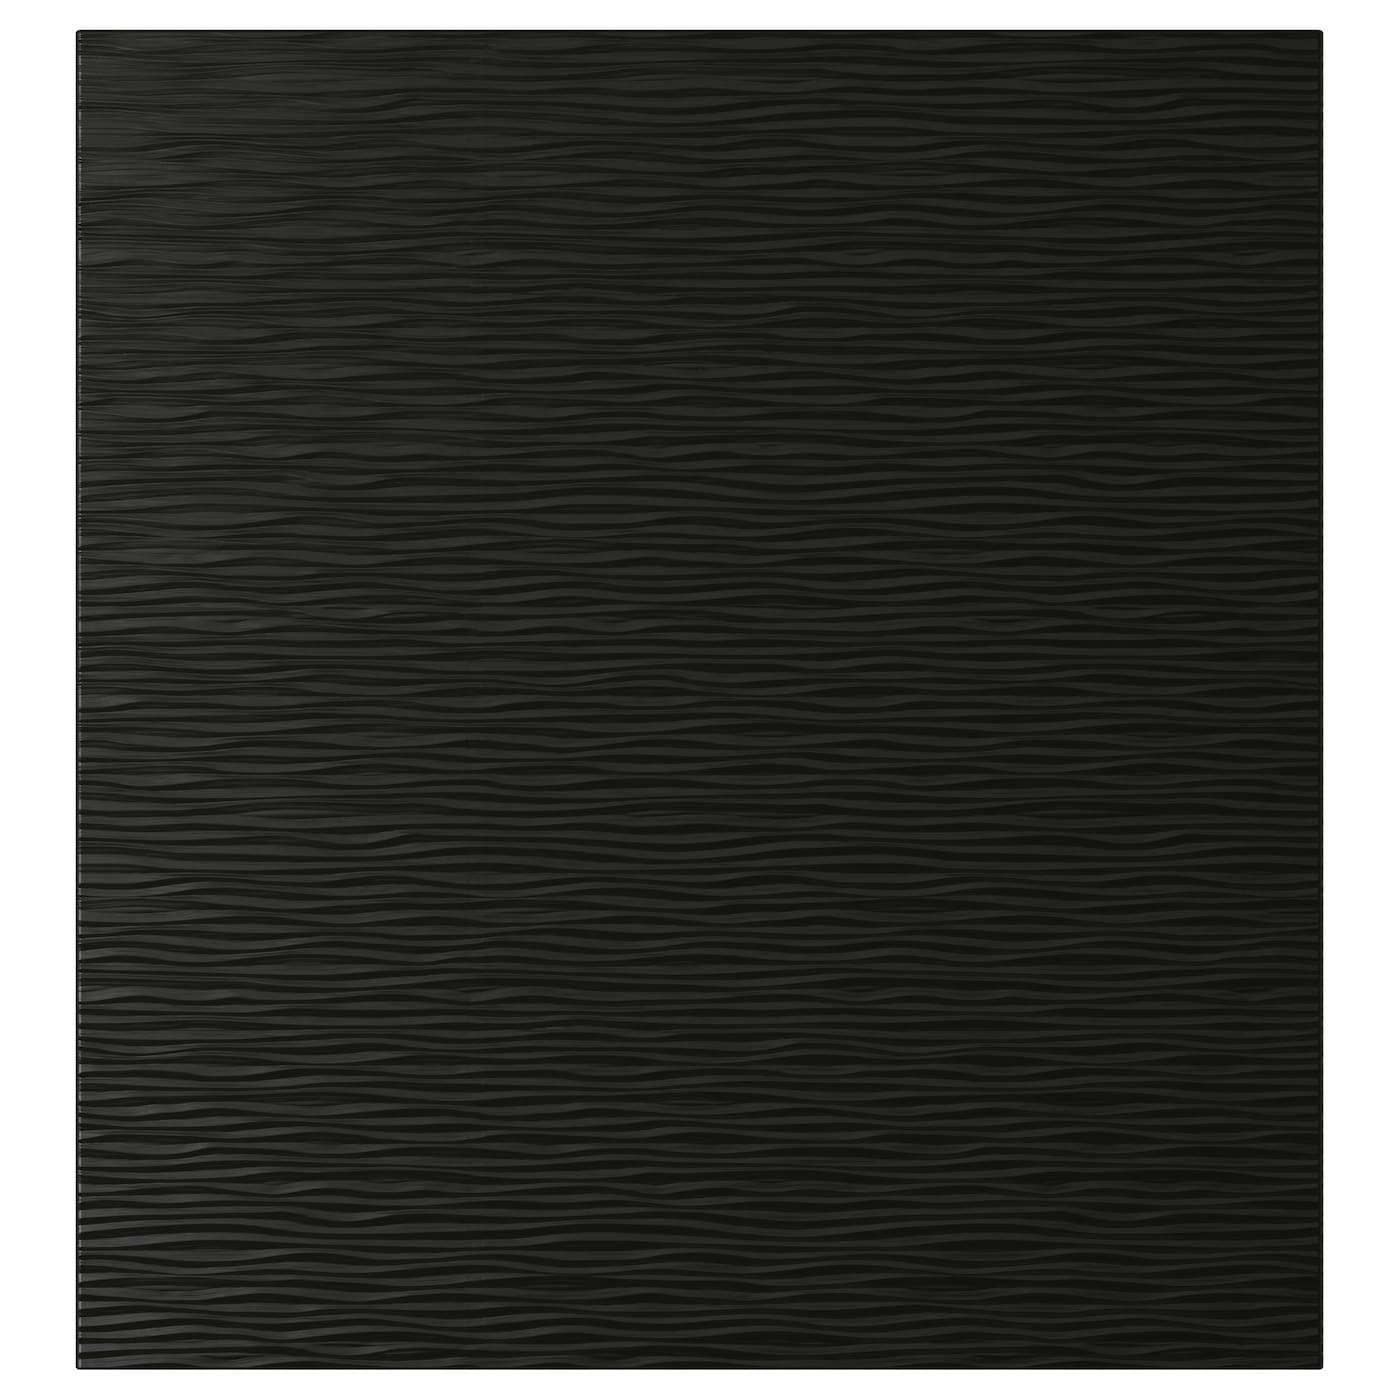 LAXVIKEN, Tür, schwarz 002.992.60